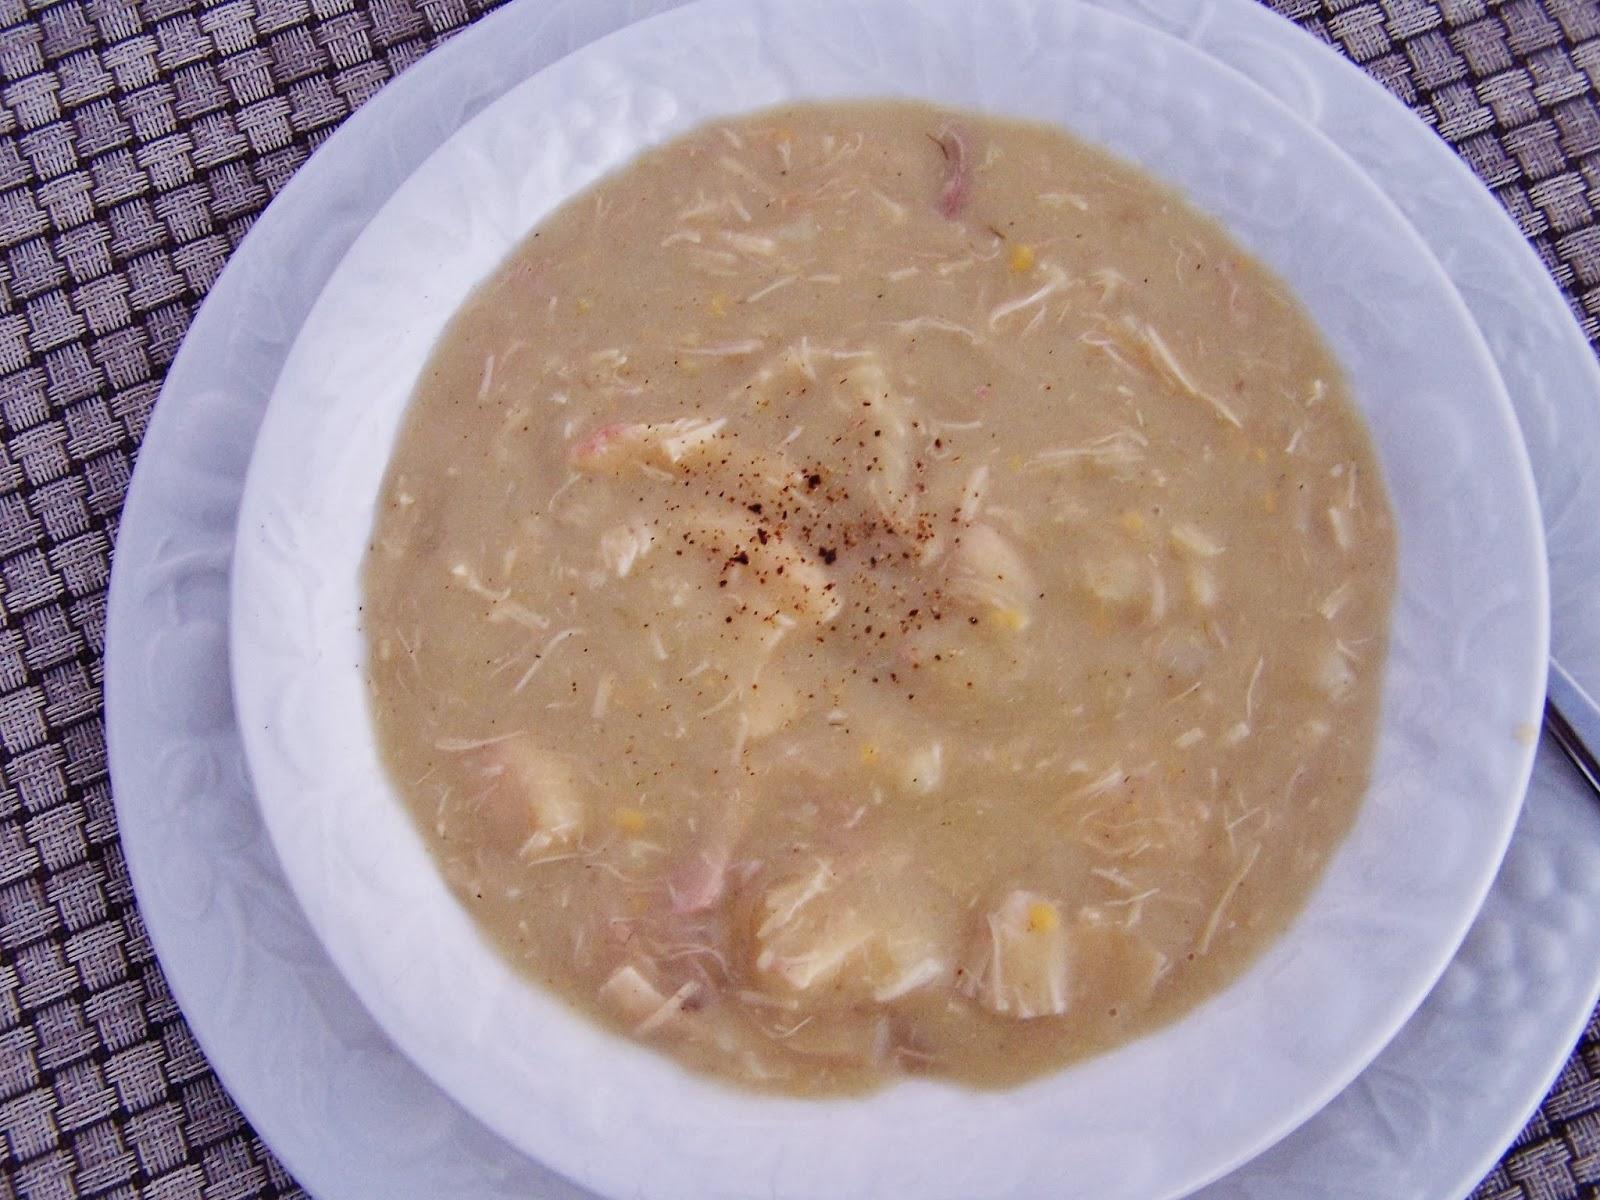 Cream of Chicken, Cauliflower & Fennel Soup recipe, gluten free, clean eating